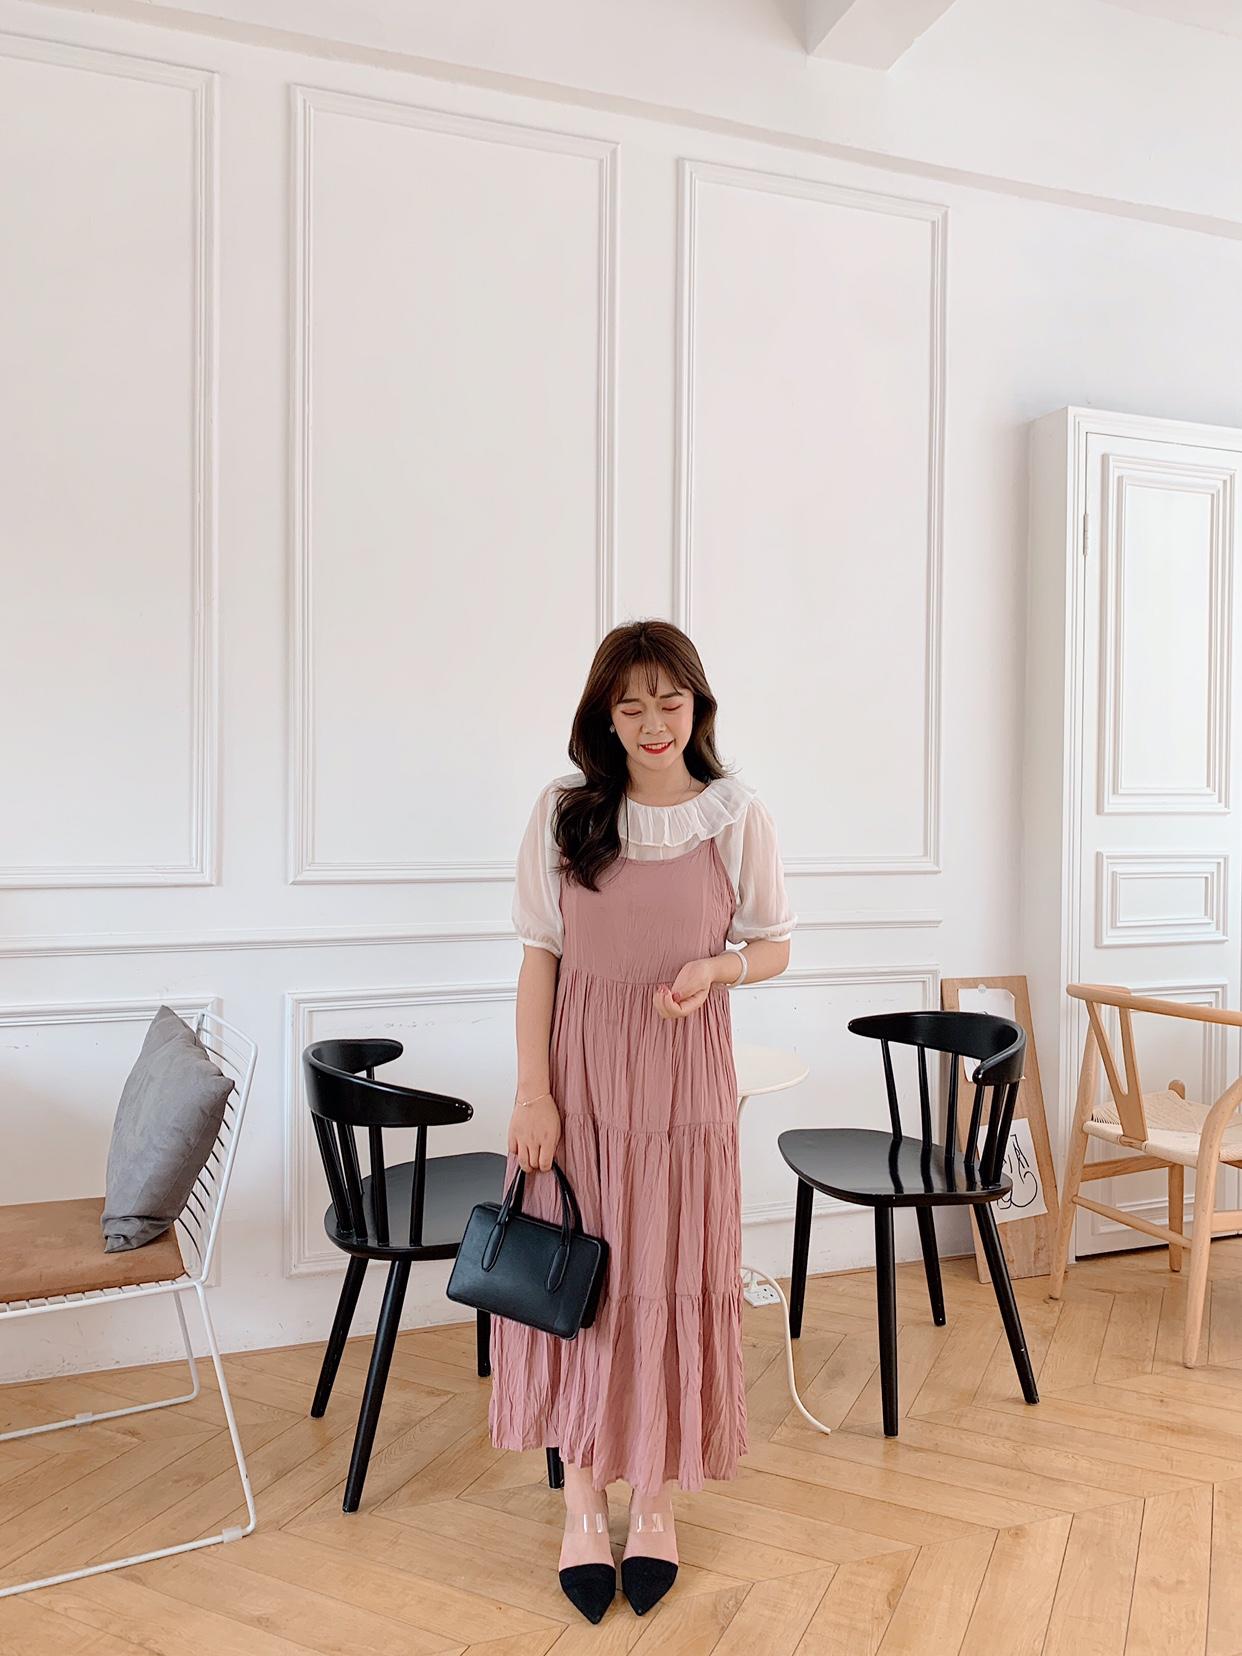 娃娃领短袖连衣裙 于旭家小个子 娃娃领薄款短袖T恤+褶皱吊带连衣裙一套套装_推荐淘宝好看的娃娃领短袖连衣裙